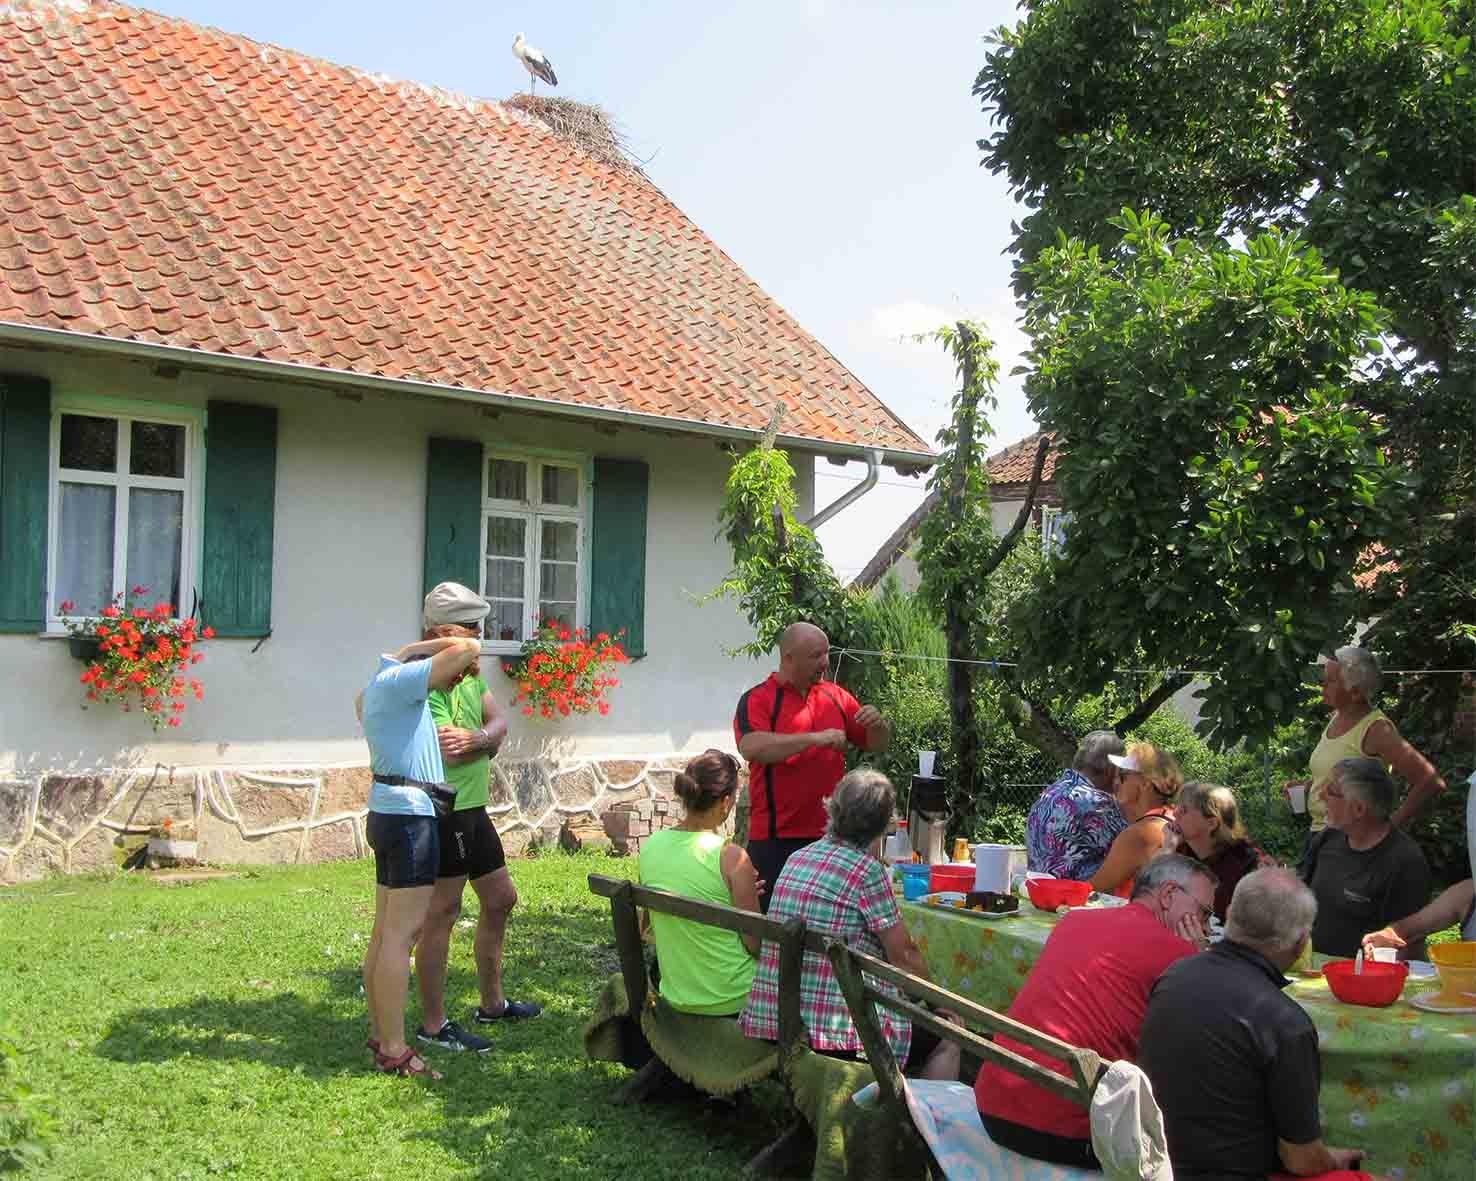 Radreise Polen, PSB, Fot. 7, K. Schlotterose